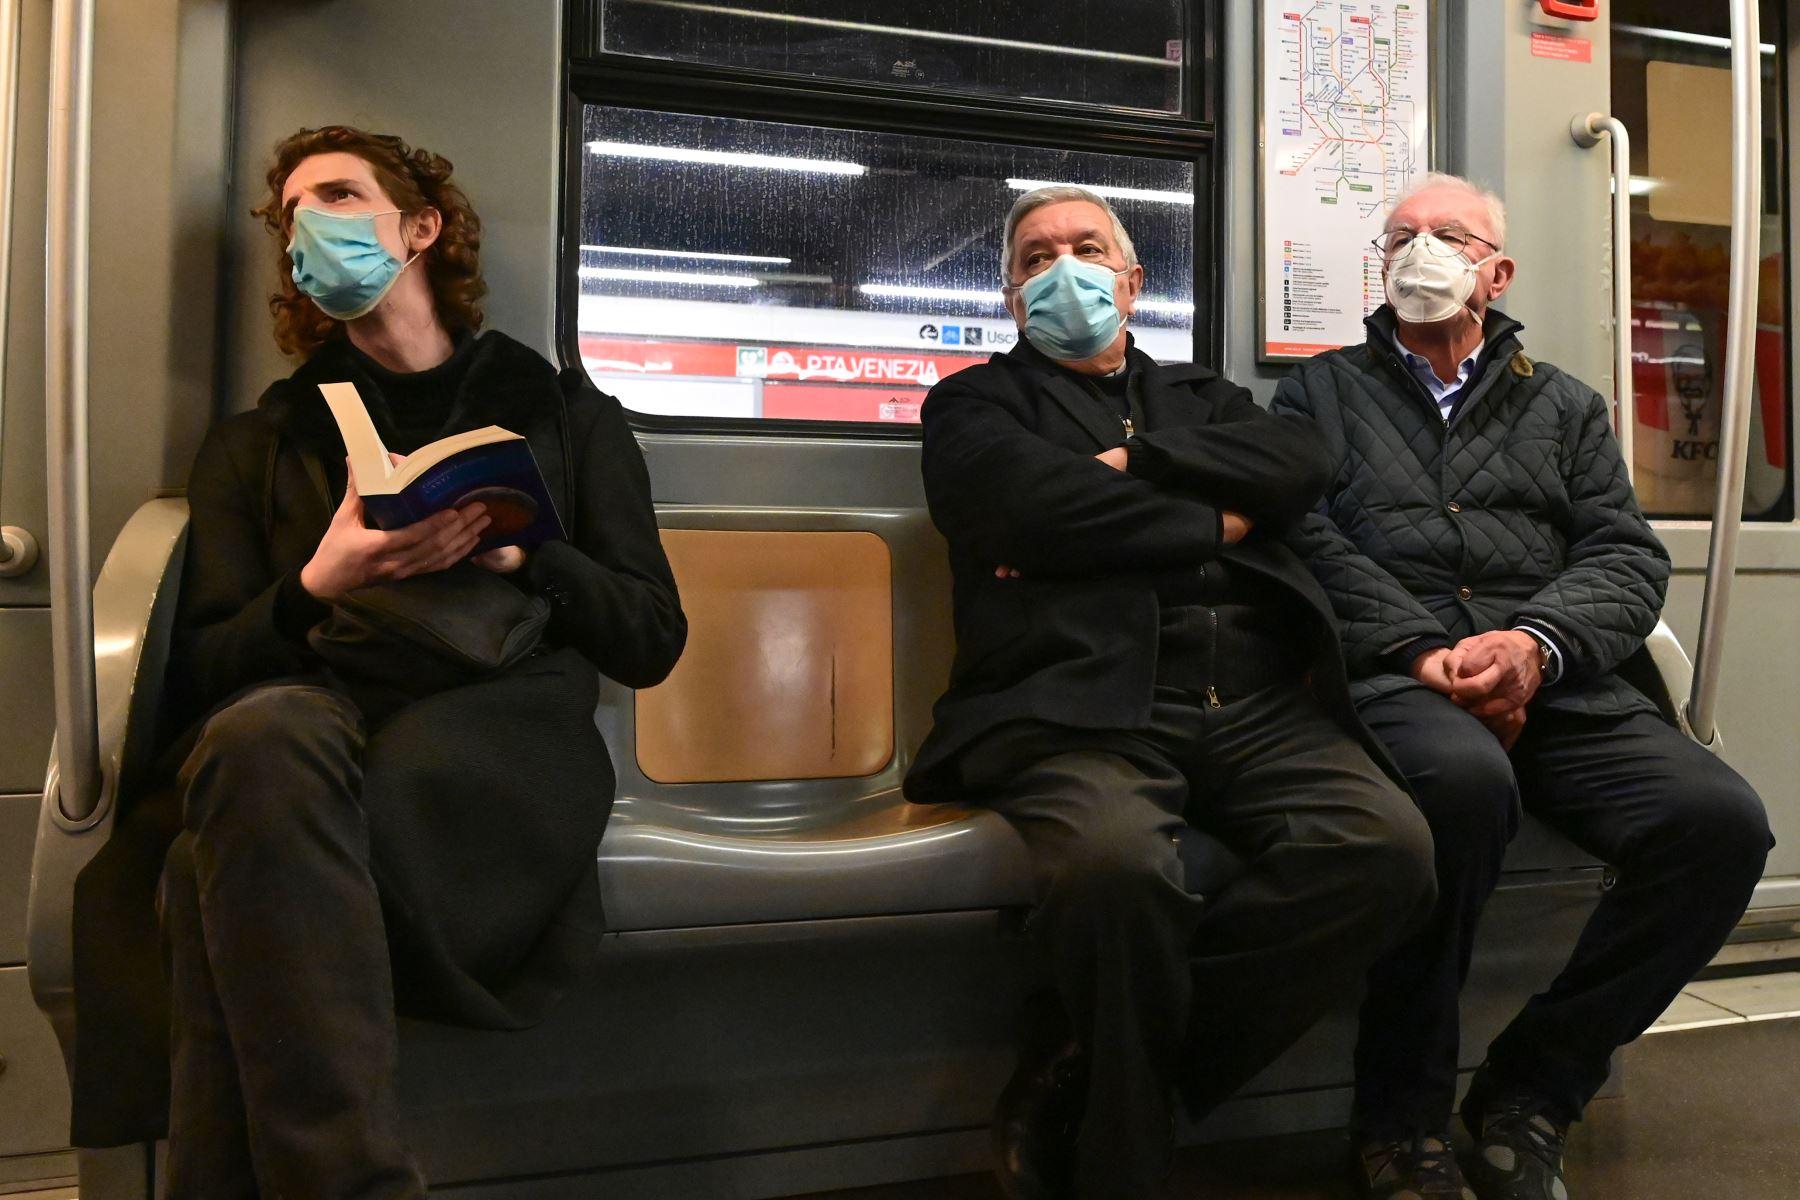 Ciudadanos utilizan mascarillas en una de las líneas del metro de Milán luego que el gobierno obligara su uso para contrarrestar la propagación del coronavirus. Foto: AFP